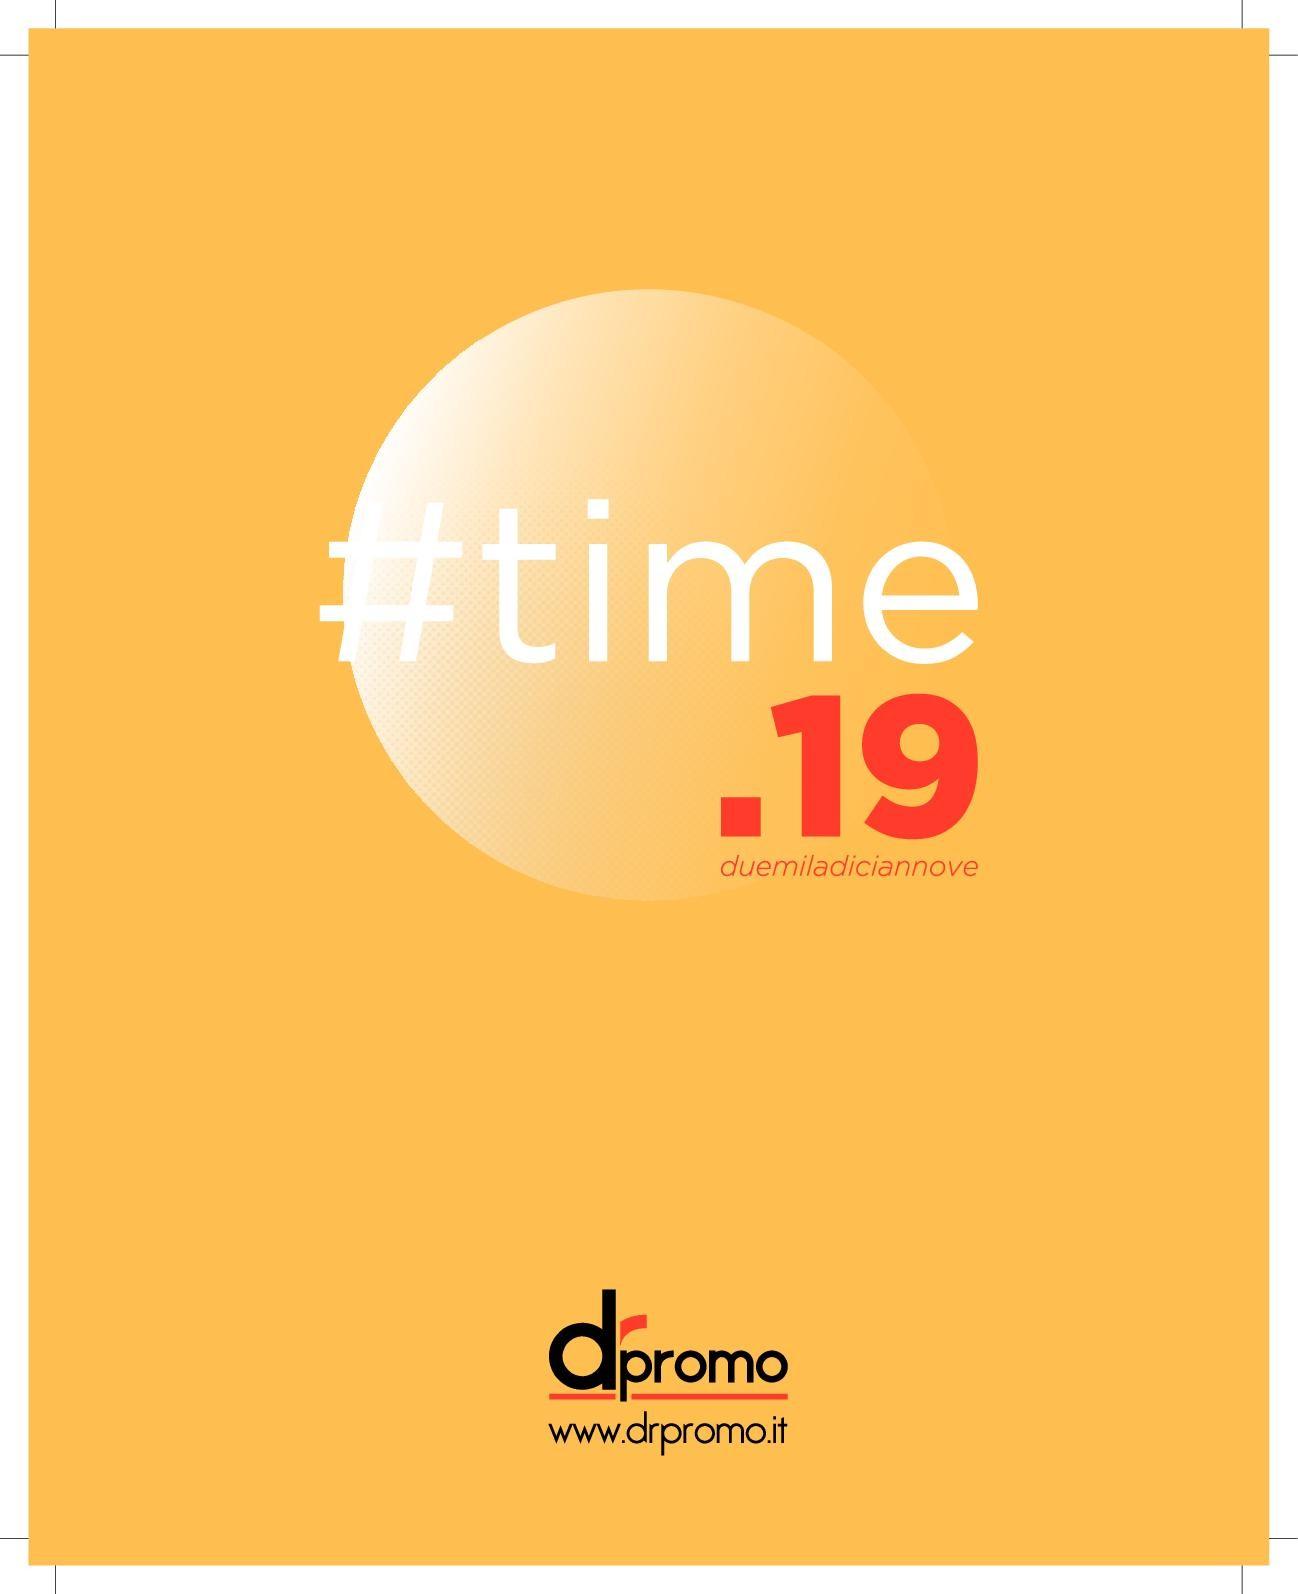 Calendario 2019 Per Bambini Da Stampare Más Actual Calaméo Catalogo Drpromo 2019 Of Calendario 2019 Per Bambini Da Stampare Más Recientes Calendari Illustrati